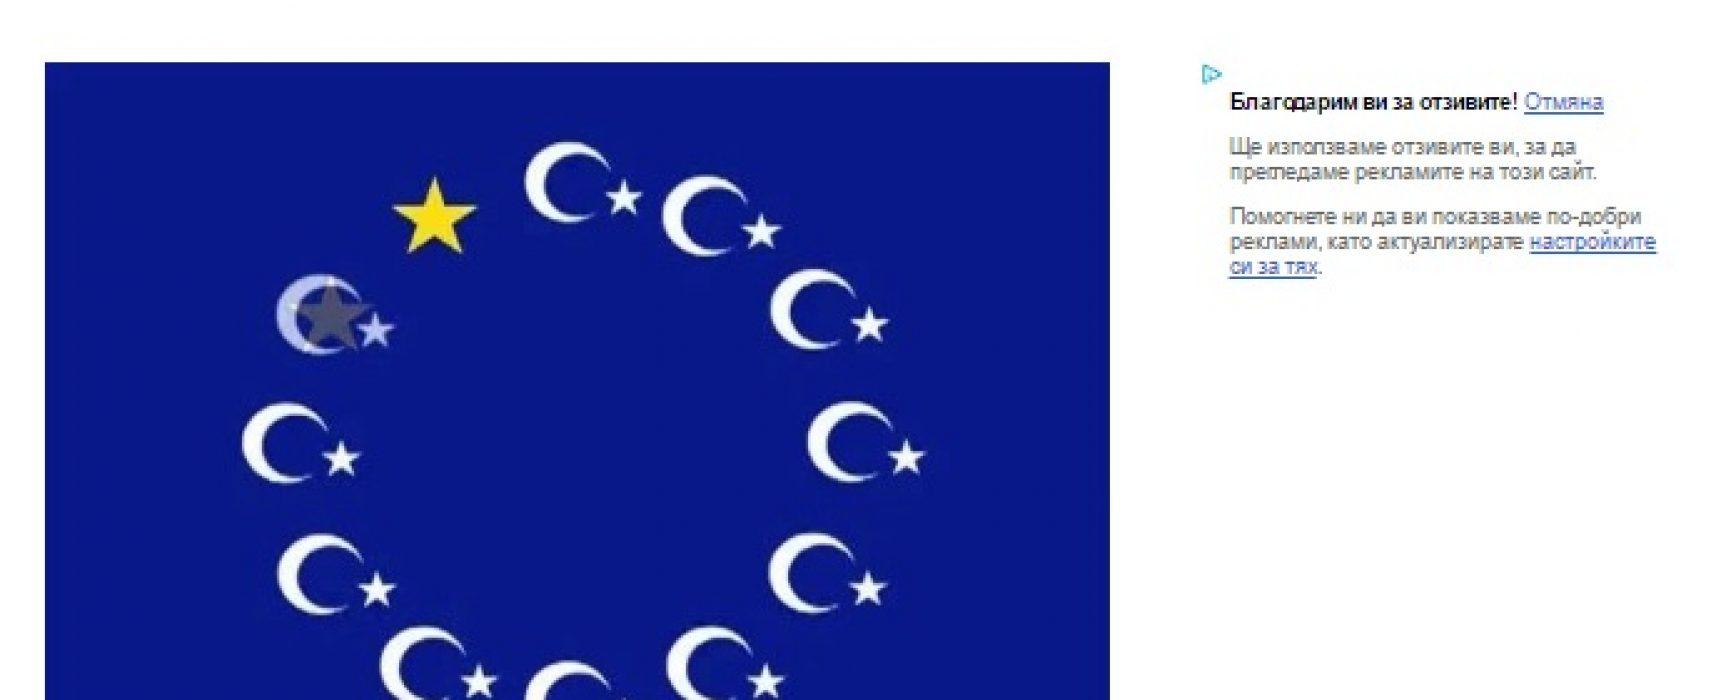 Фейк: ЕС забранява православието